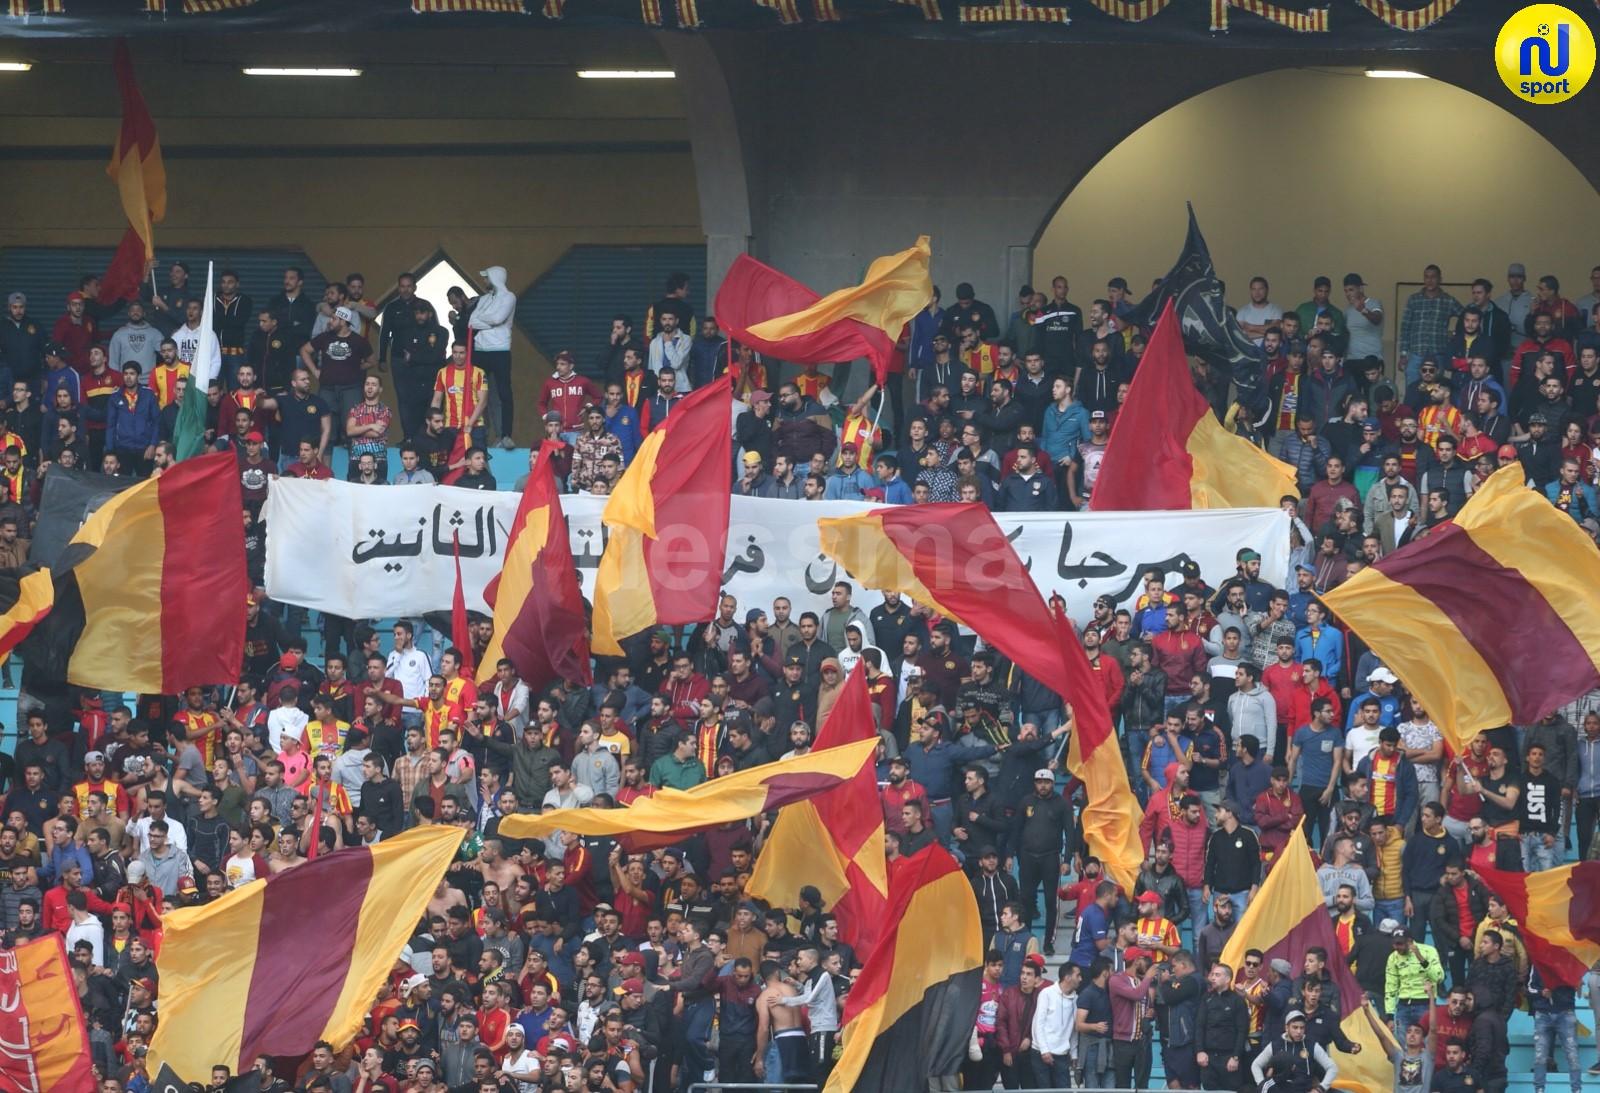 صور مباراة الترجي الرياضي ونادي غرة اوت الانغولي